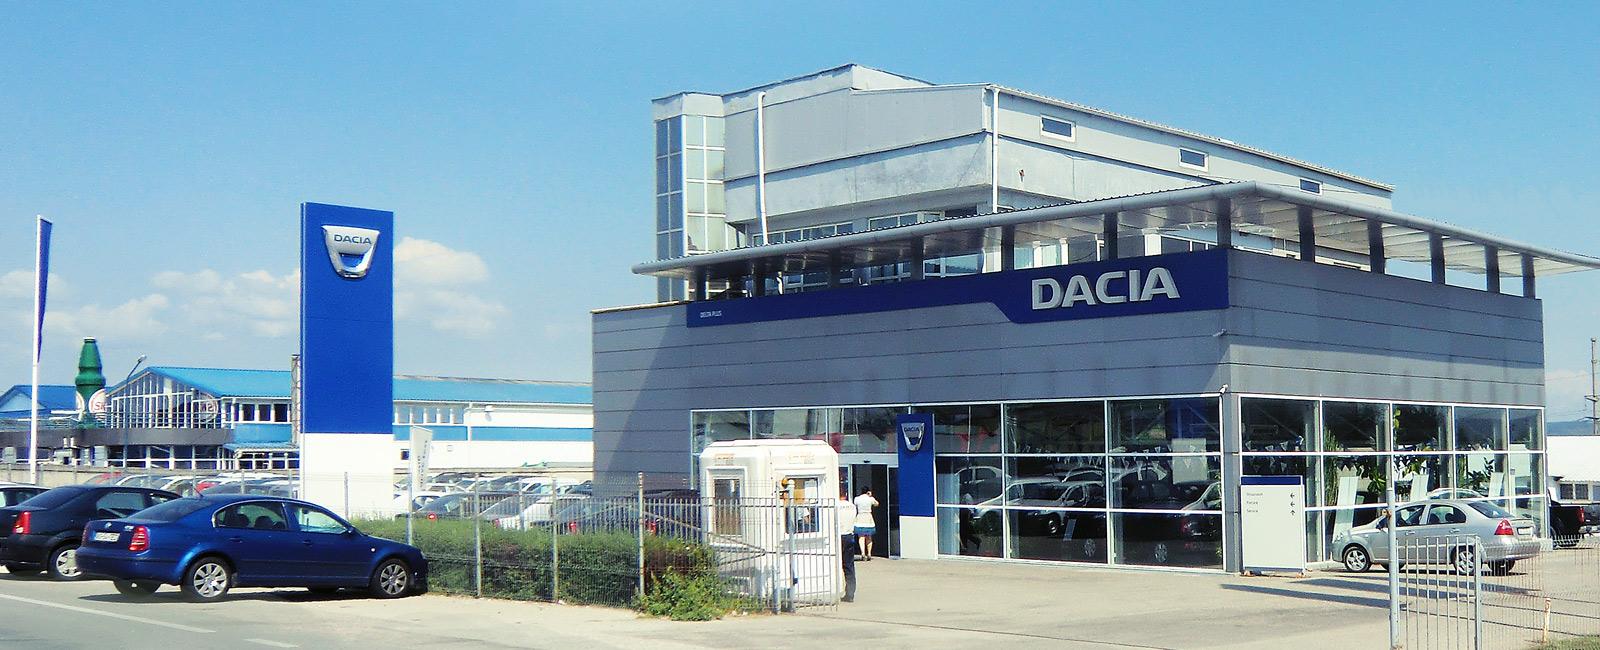 Dacia Piese de schimb Dacia